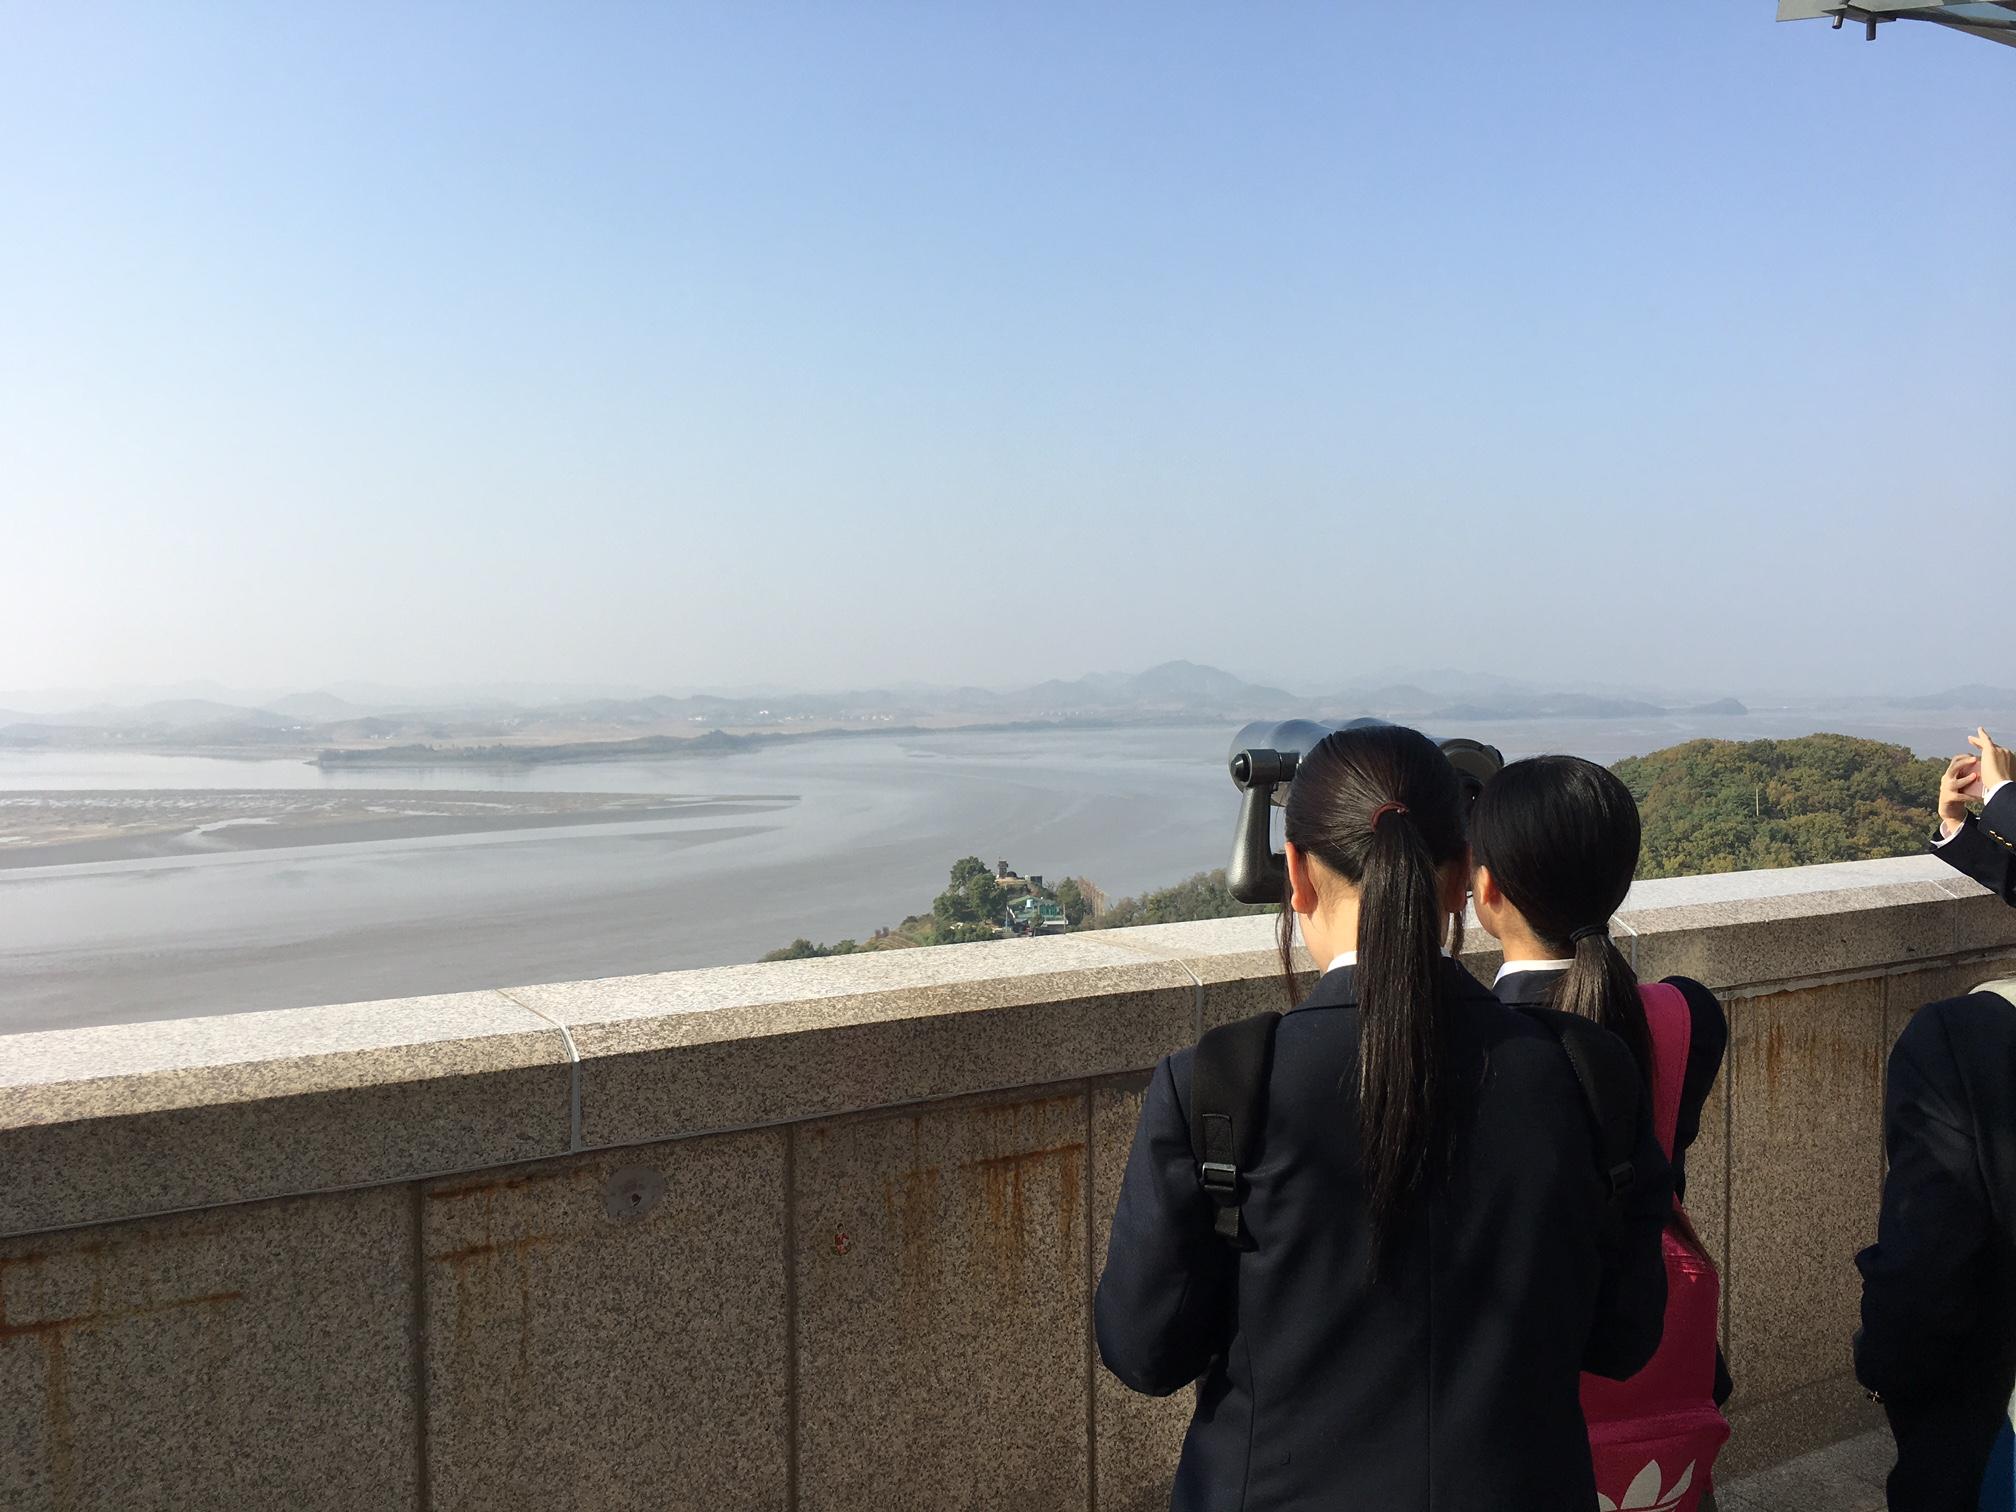 望遠鏡から見える北朝鮮